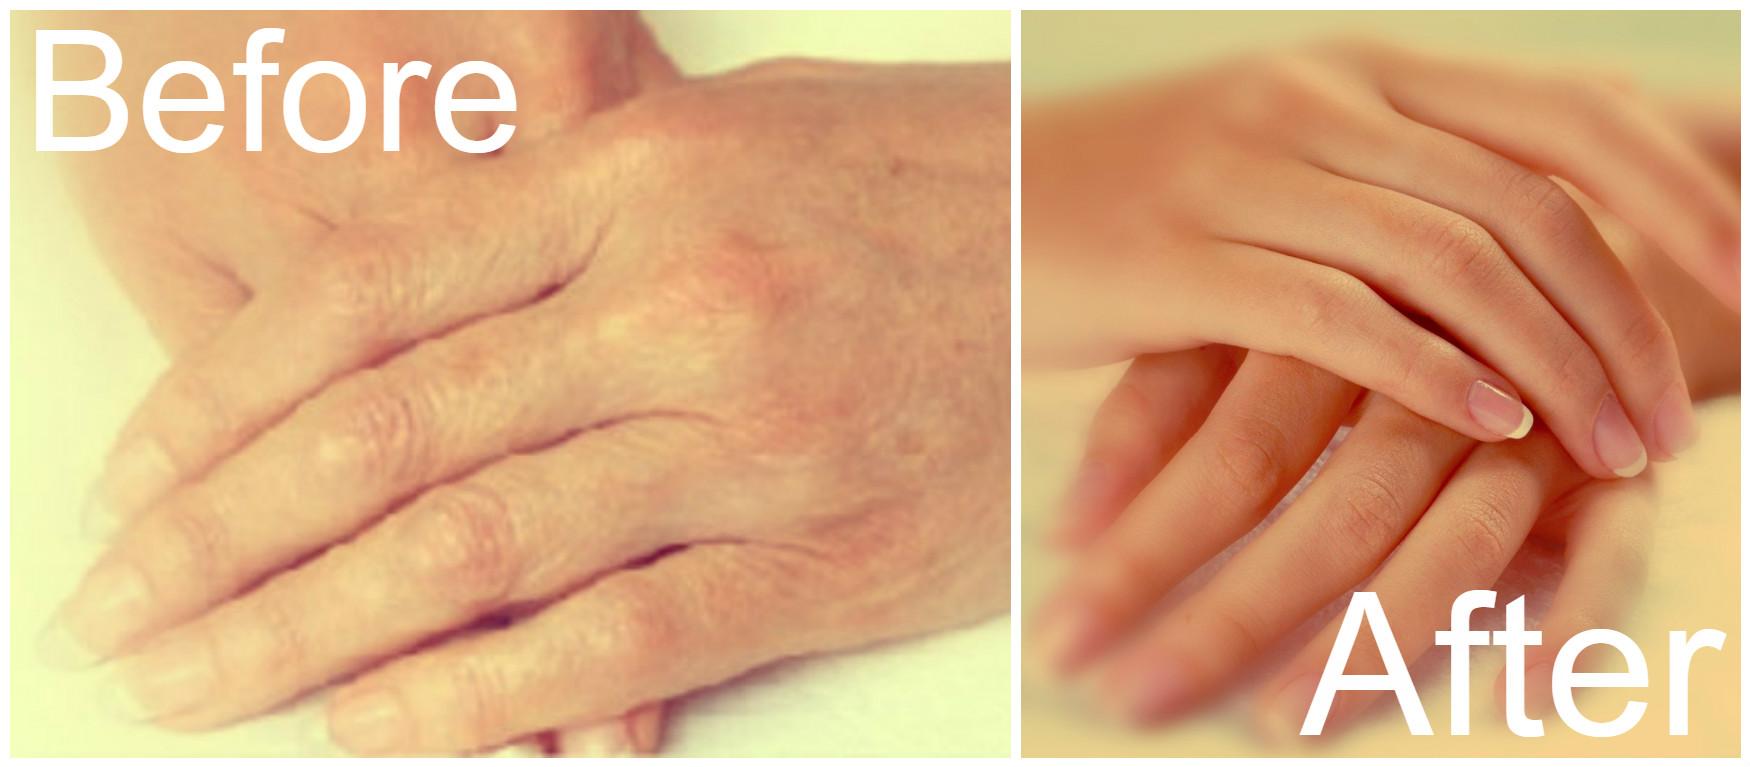 Απίστευτη συνταγή για να προστατέψετε τα χέρια σας από τα σημάδια της γήρανσης